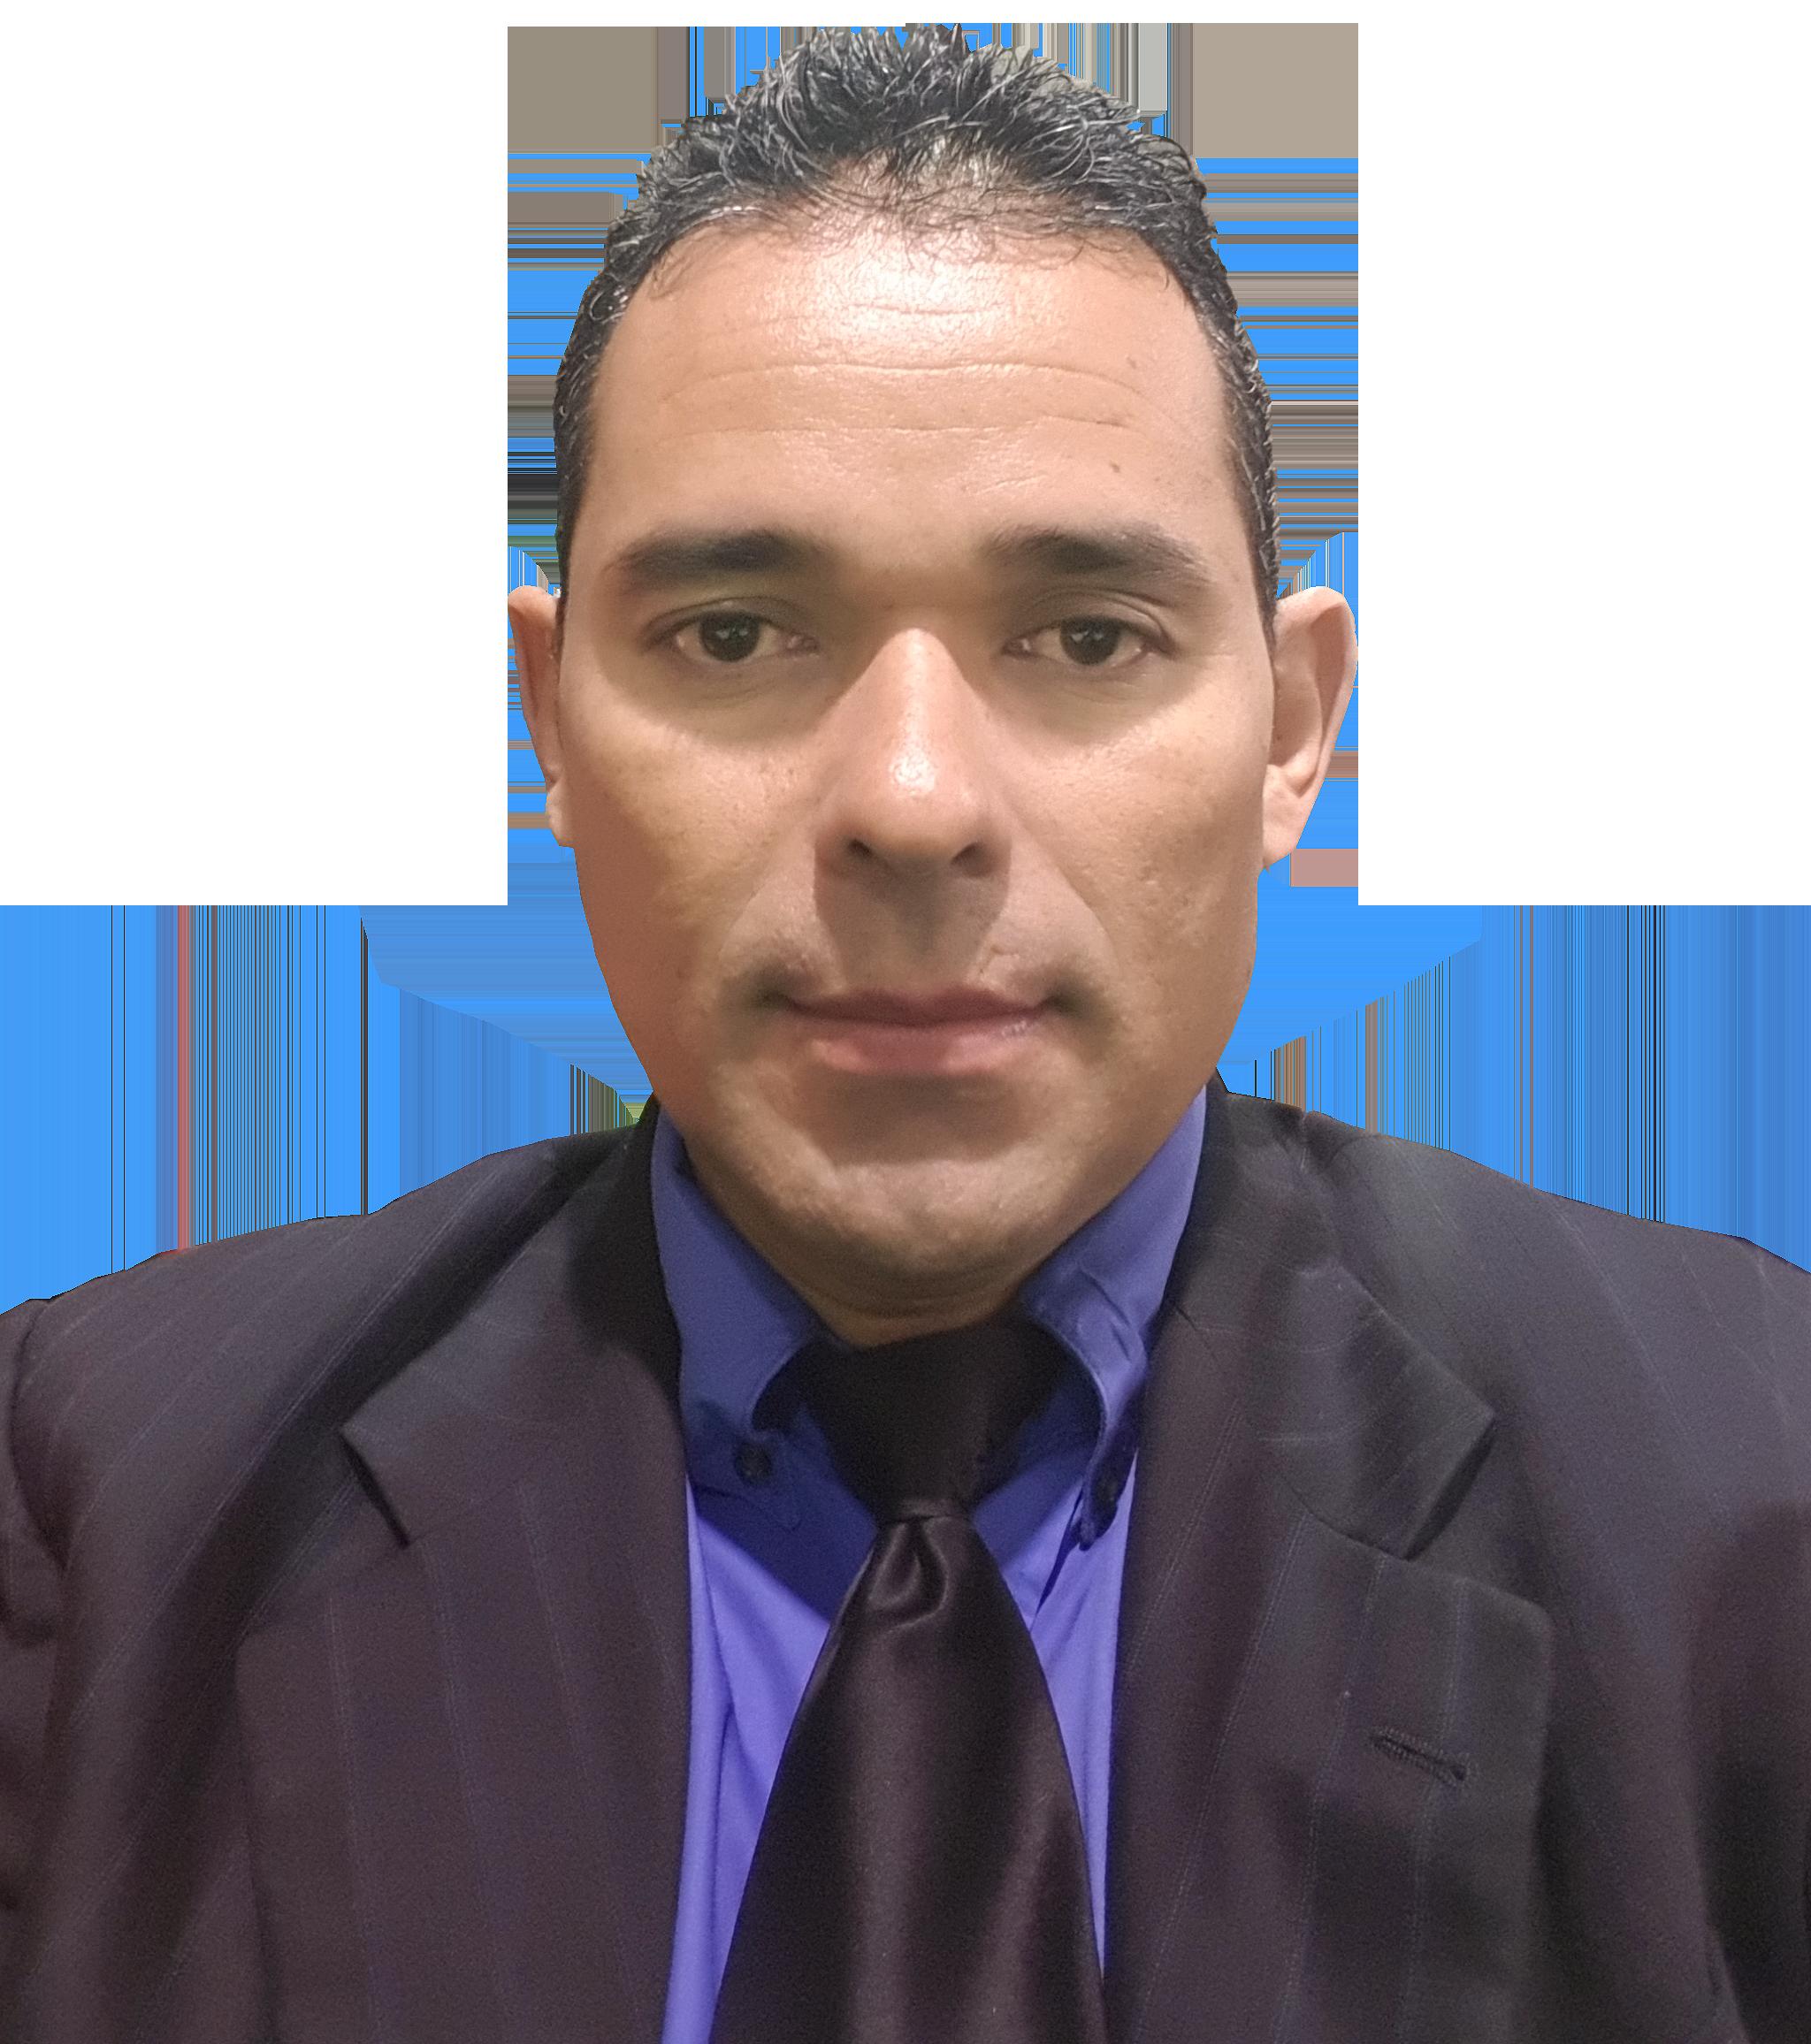 Gustavo Delgado Berrocal